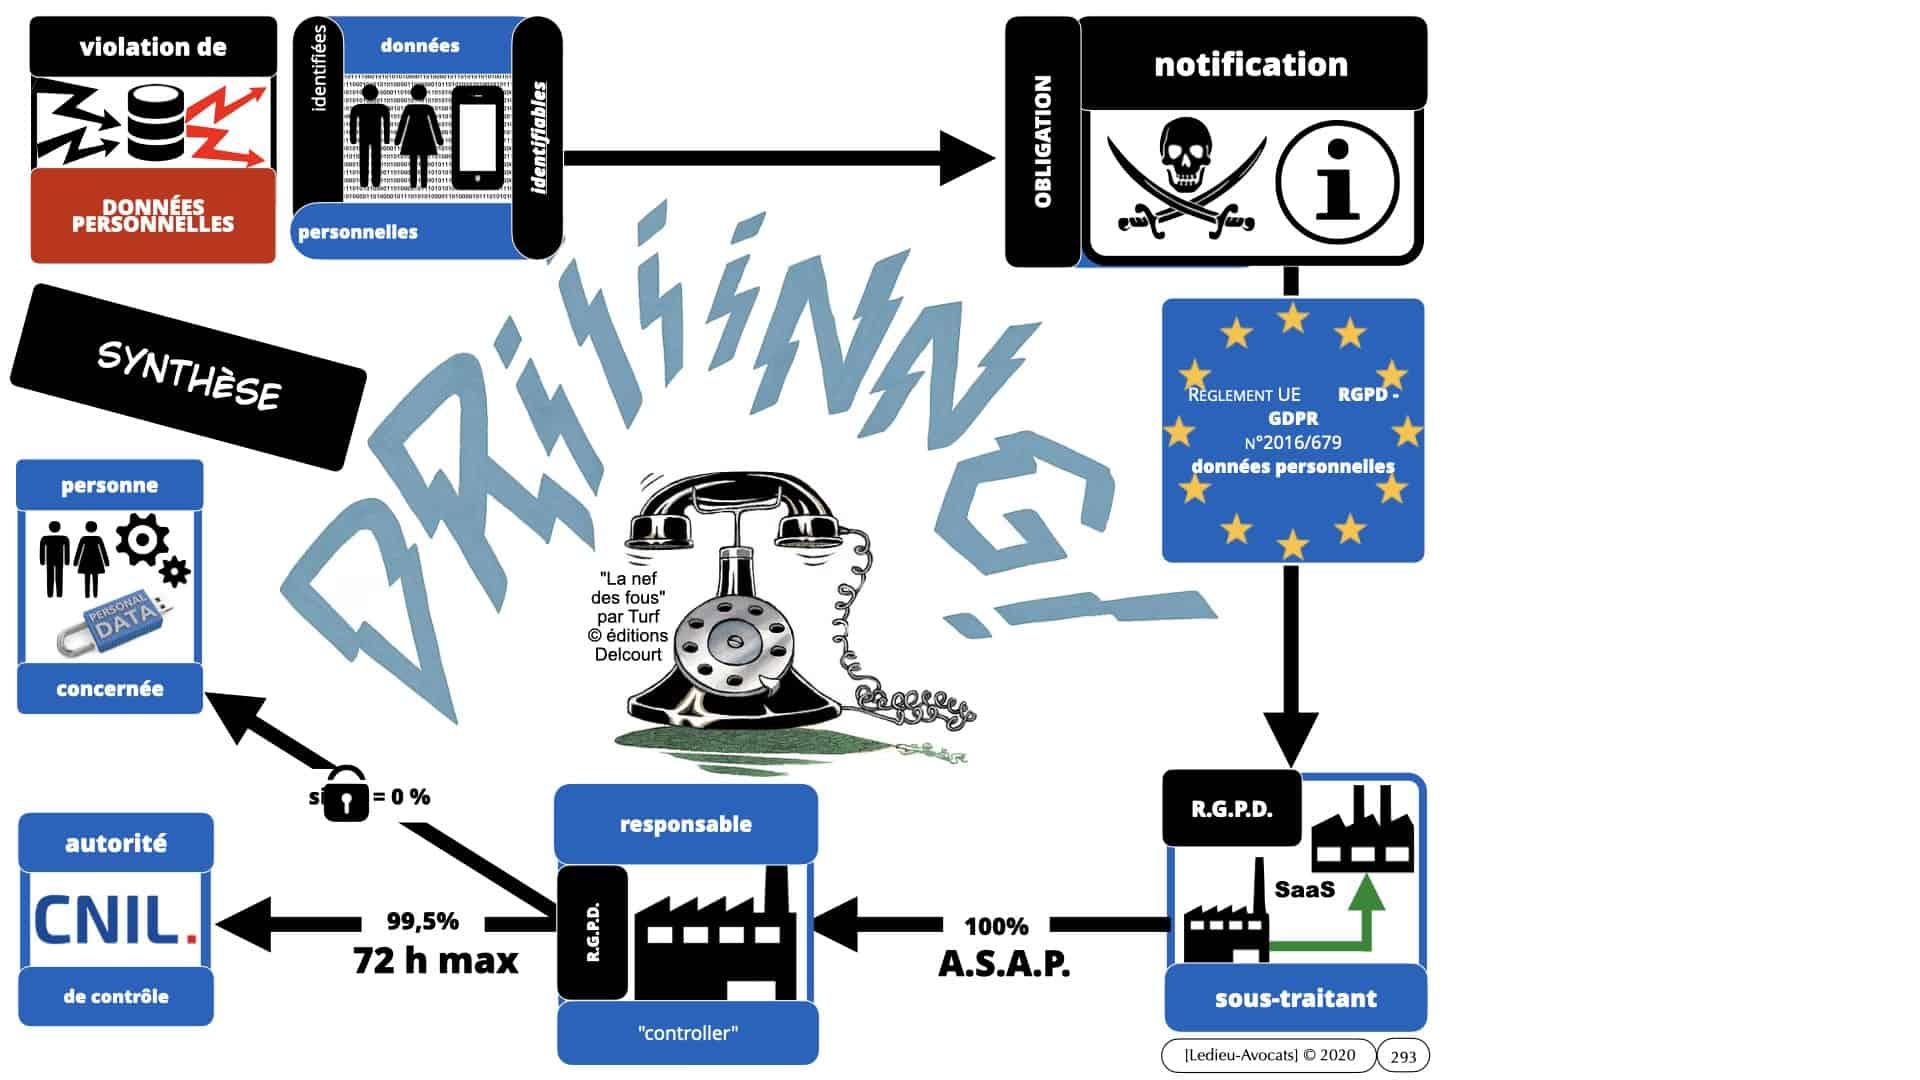 RGPD e-Privacy données personnelles jurisprudence formation Lamy Les Echos 10-02-2021 ©Ledieu-Avocats.293